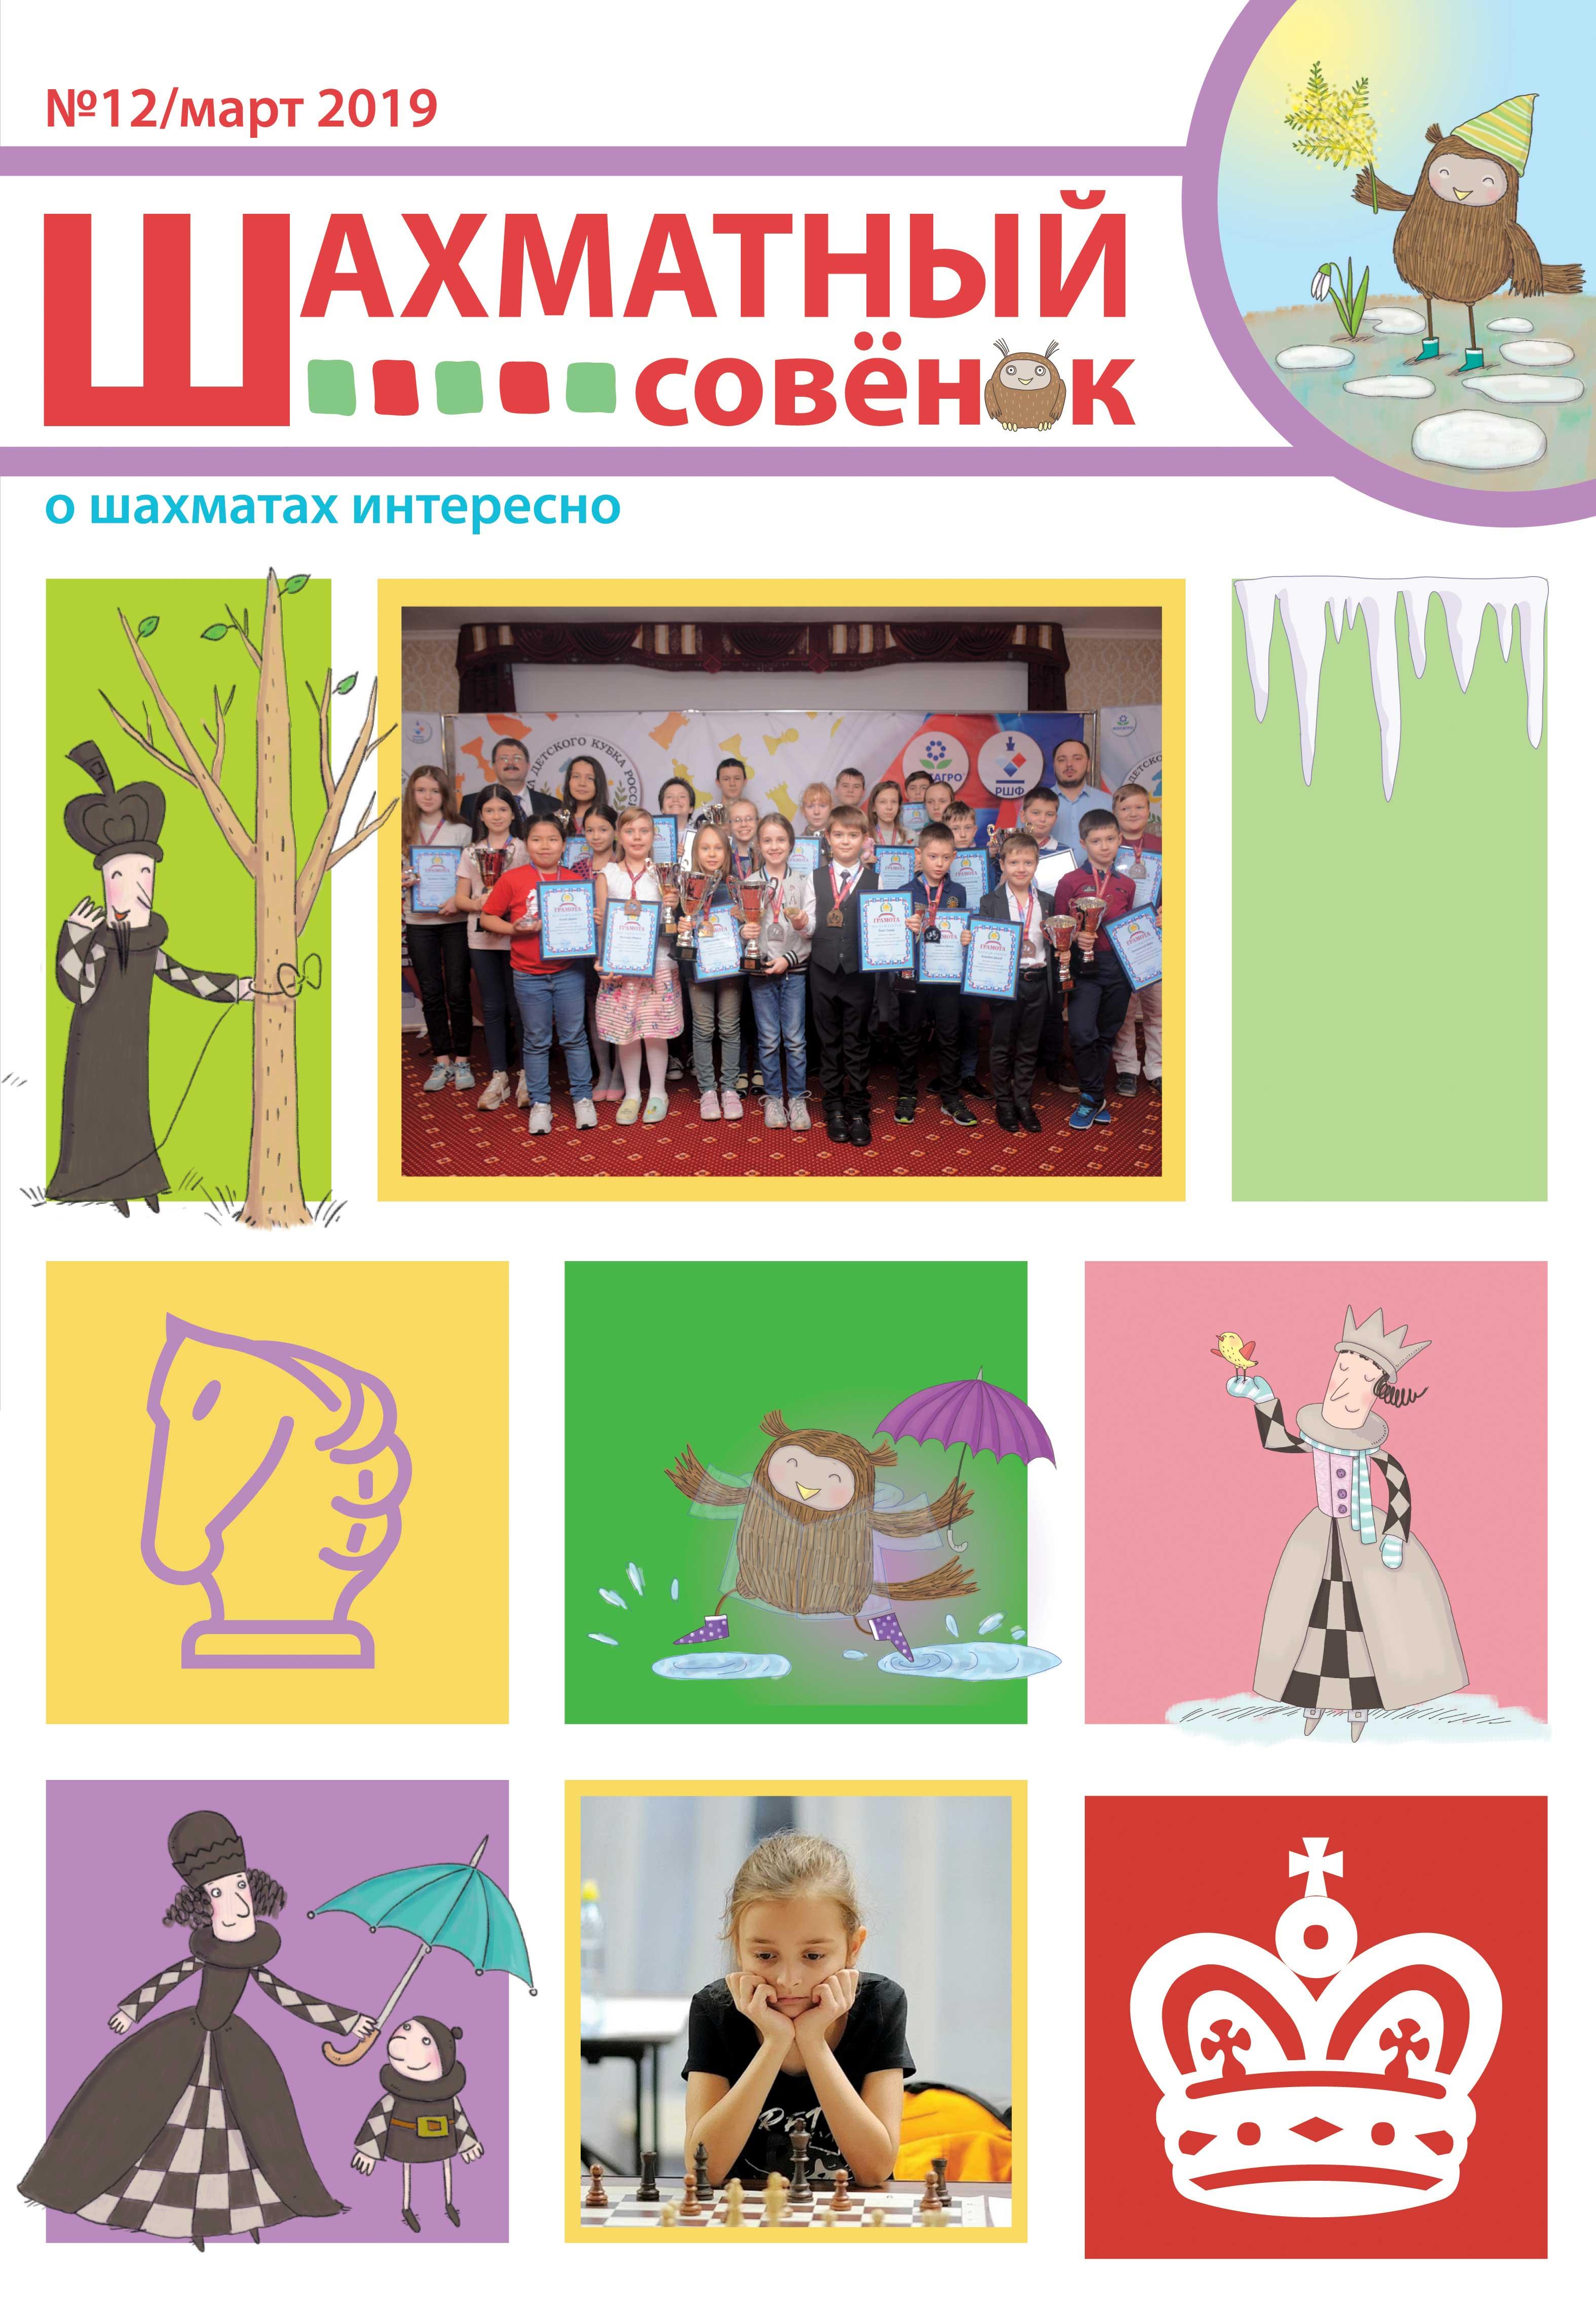 Журнал Шахматный совенок официальный сайт двенадцатый выпуск